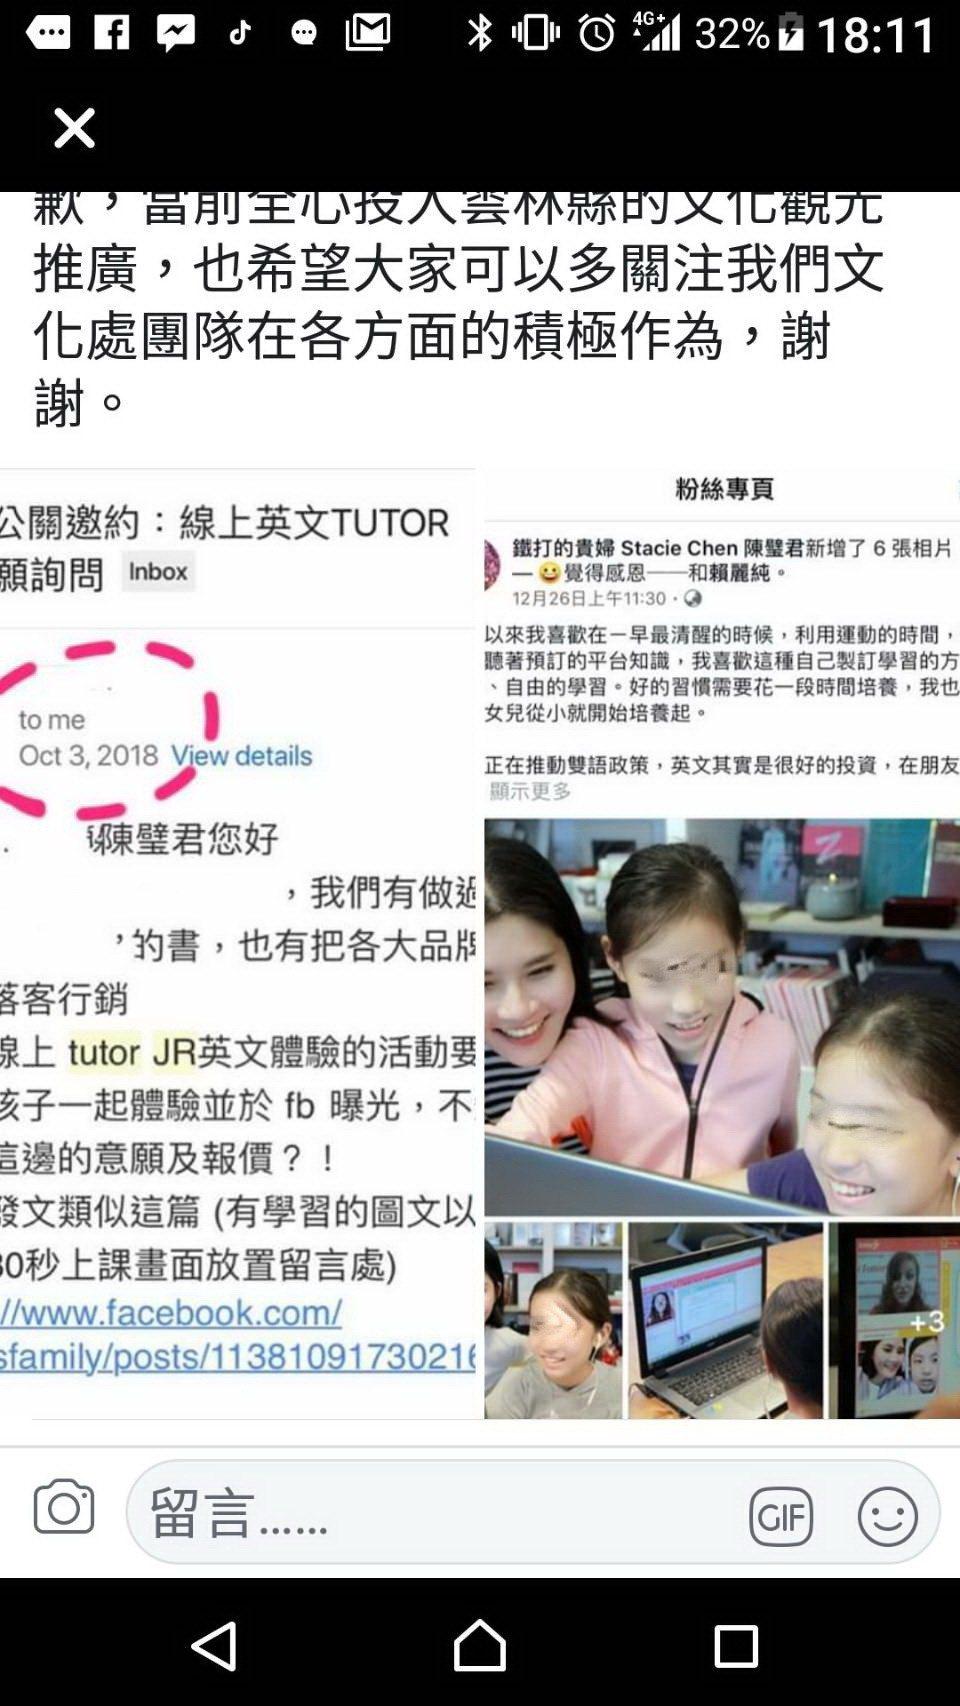 陳璧君在粉頁PO文說明事情原由並致歉。記者蔡維斌/翻攝